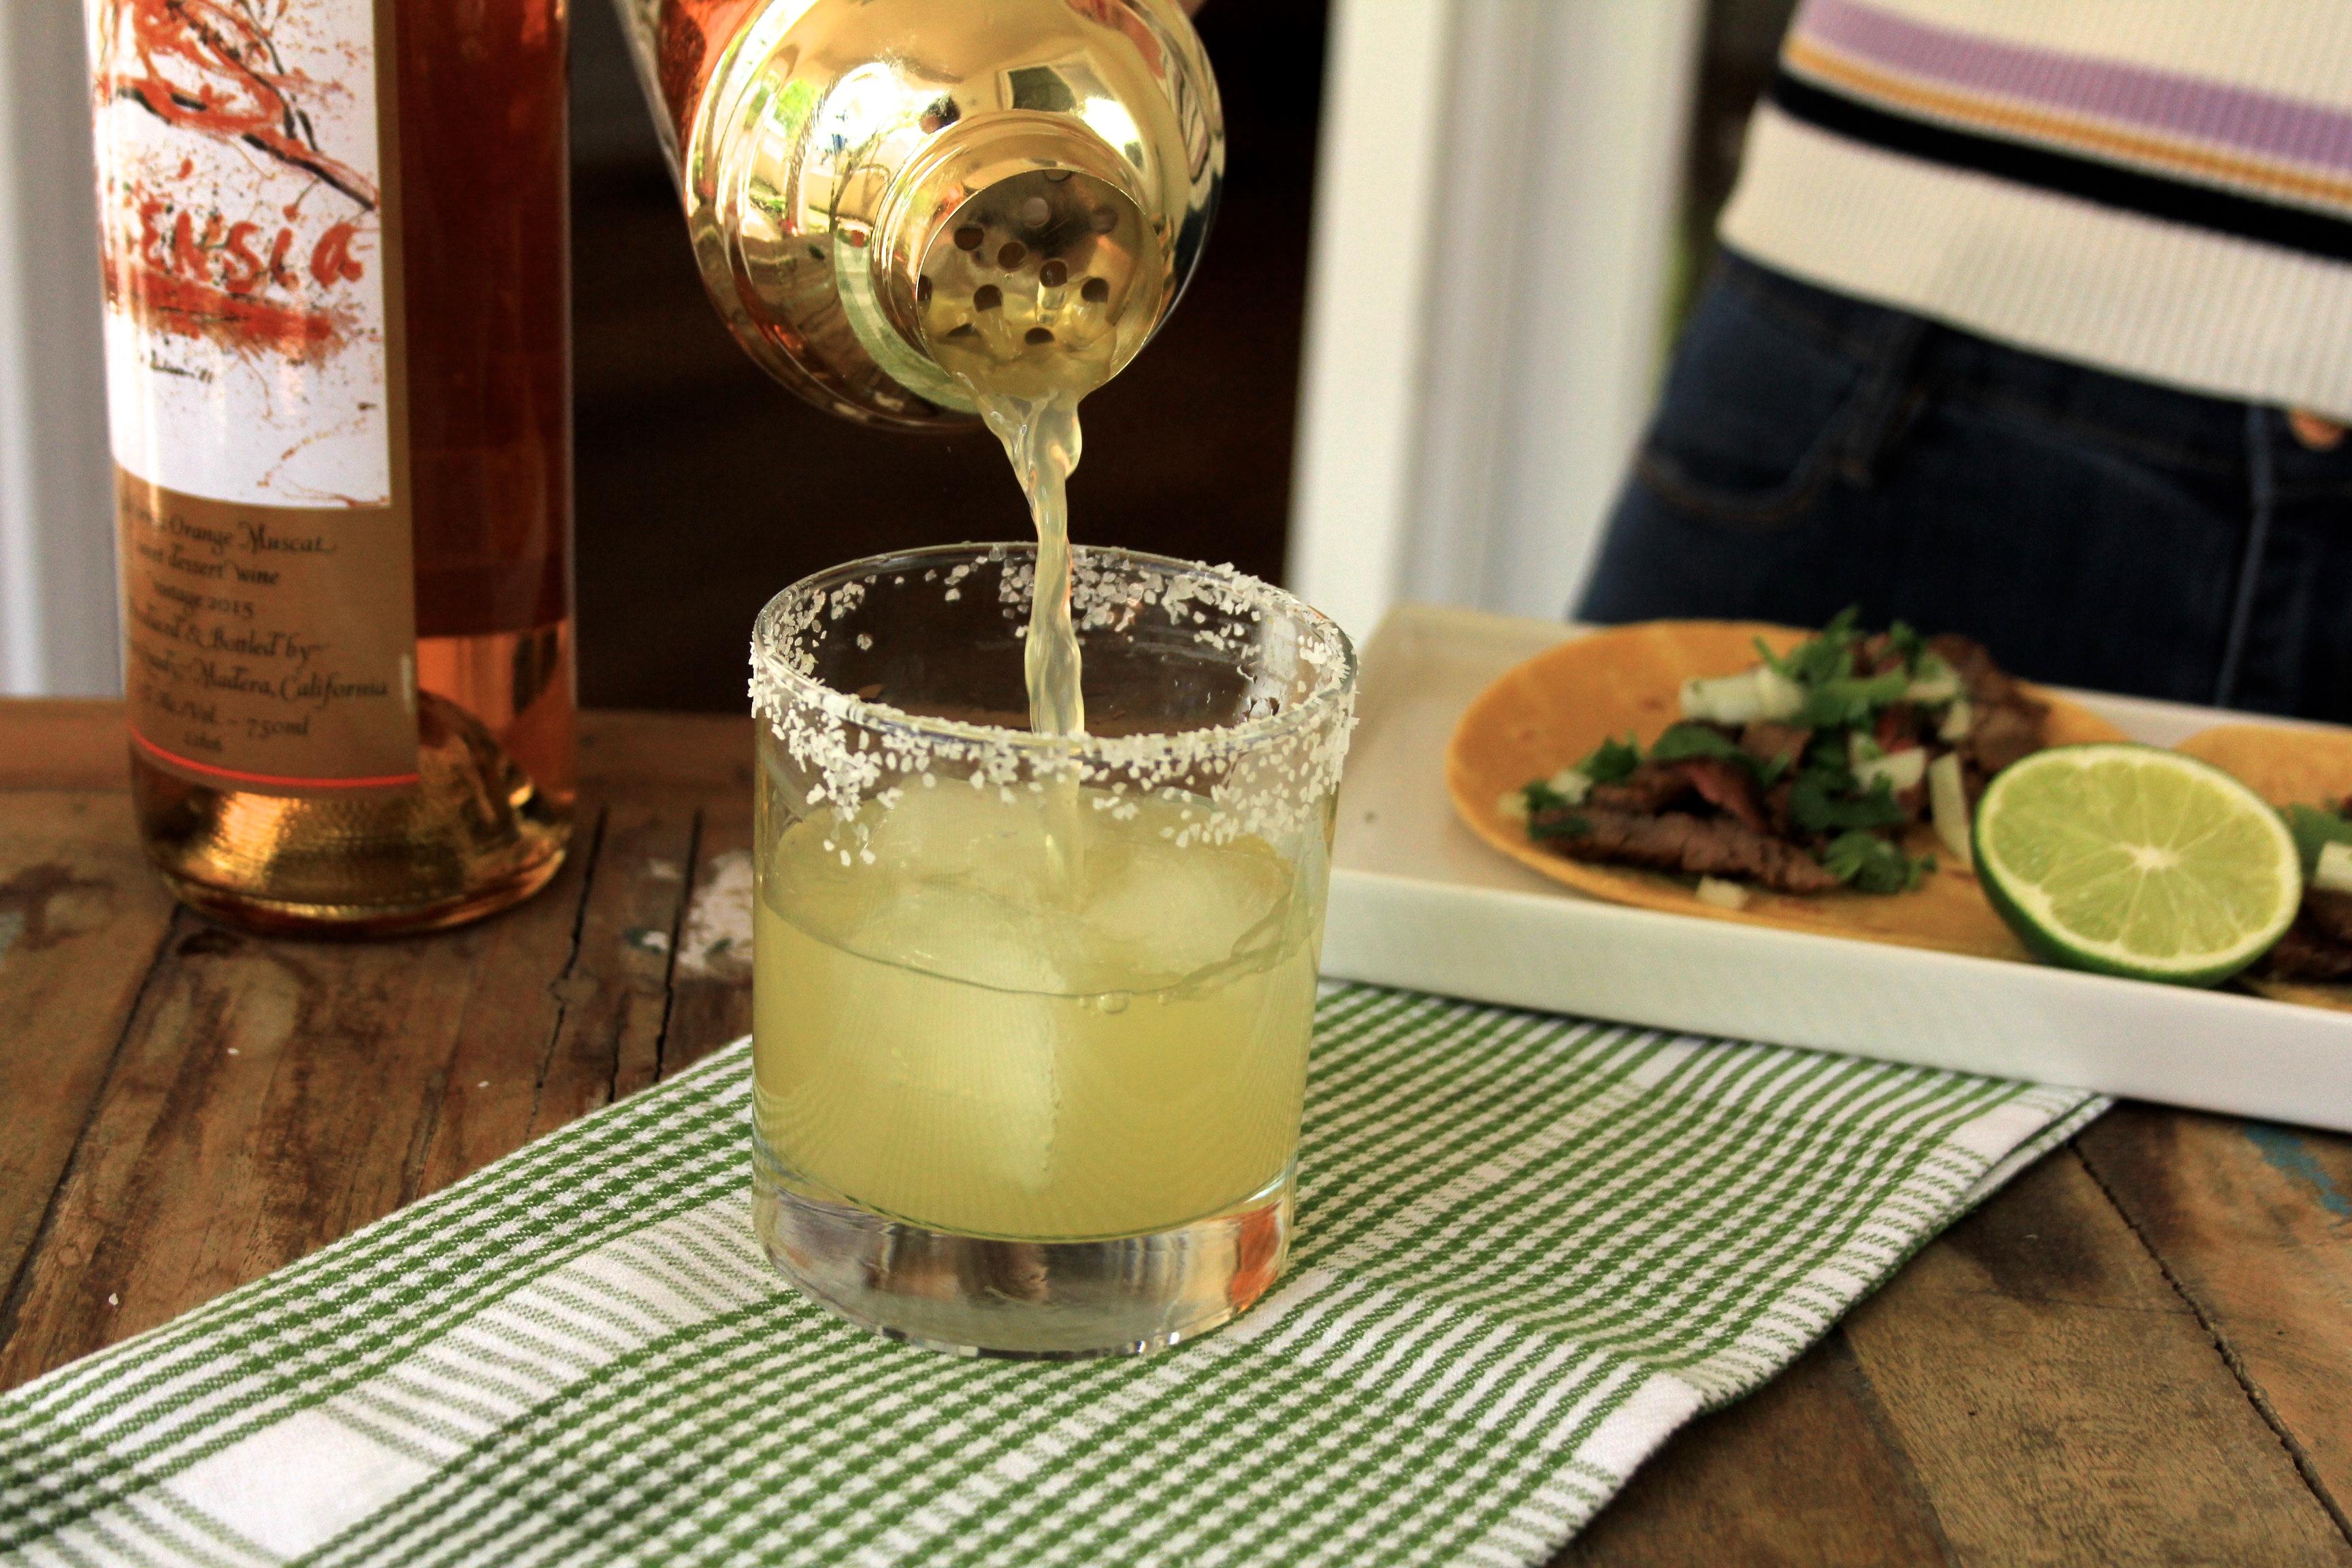 Classic cinco de mayo  Margarita recipe using Essensia Orange Muscat Wine paired with Classic Carne Asada tacos